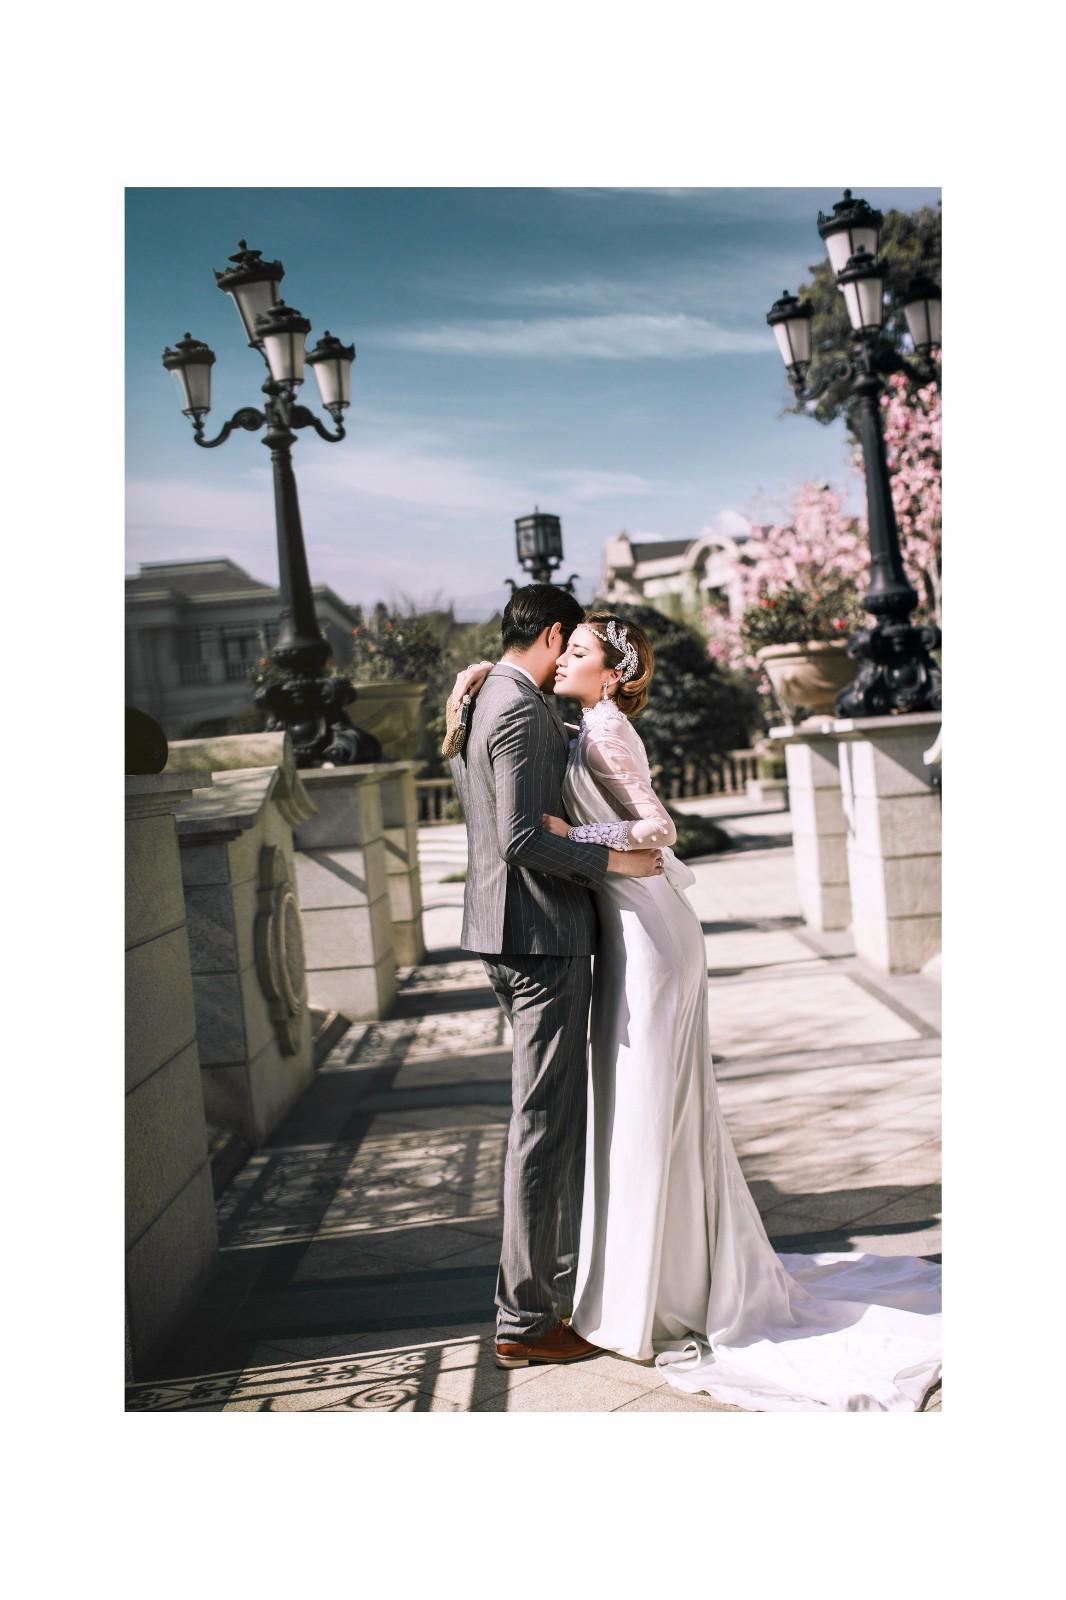 我们在结婚时拍结婚照要求有哪些?